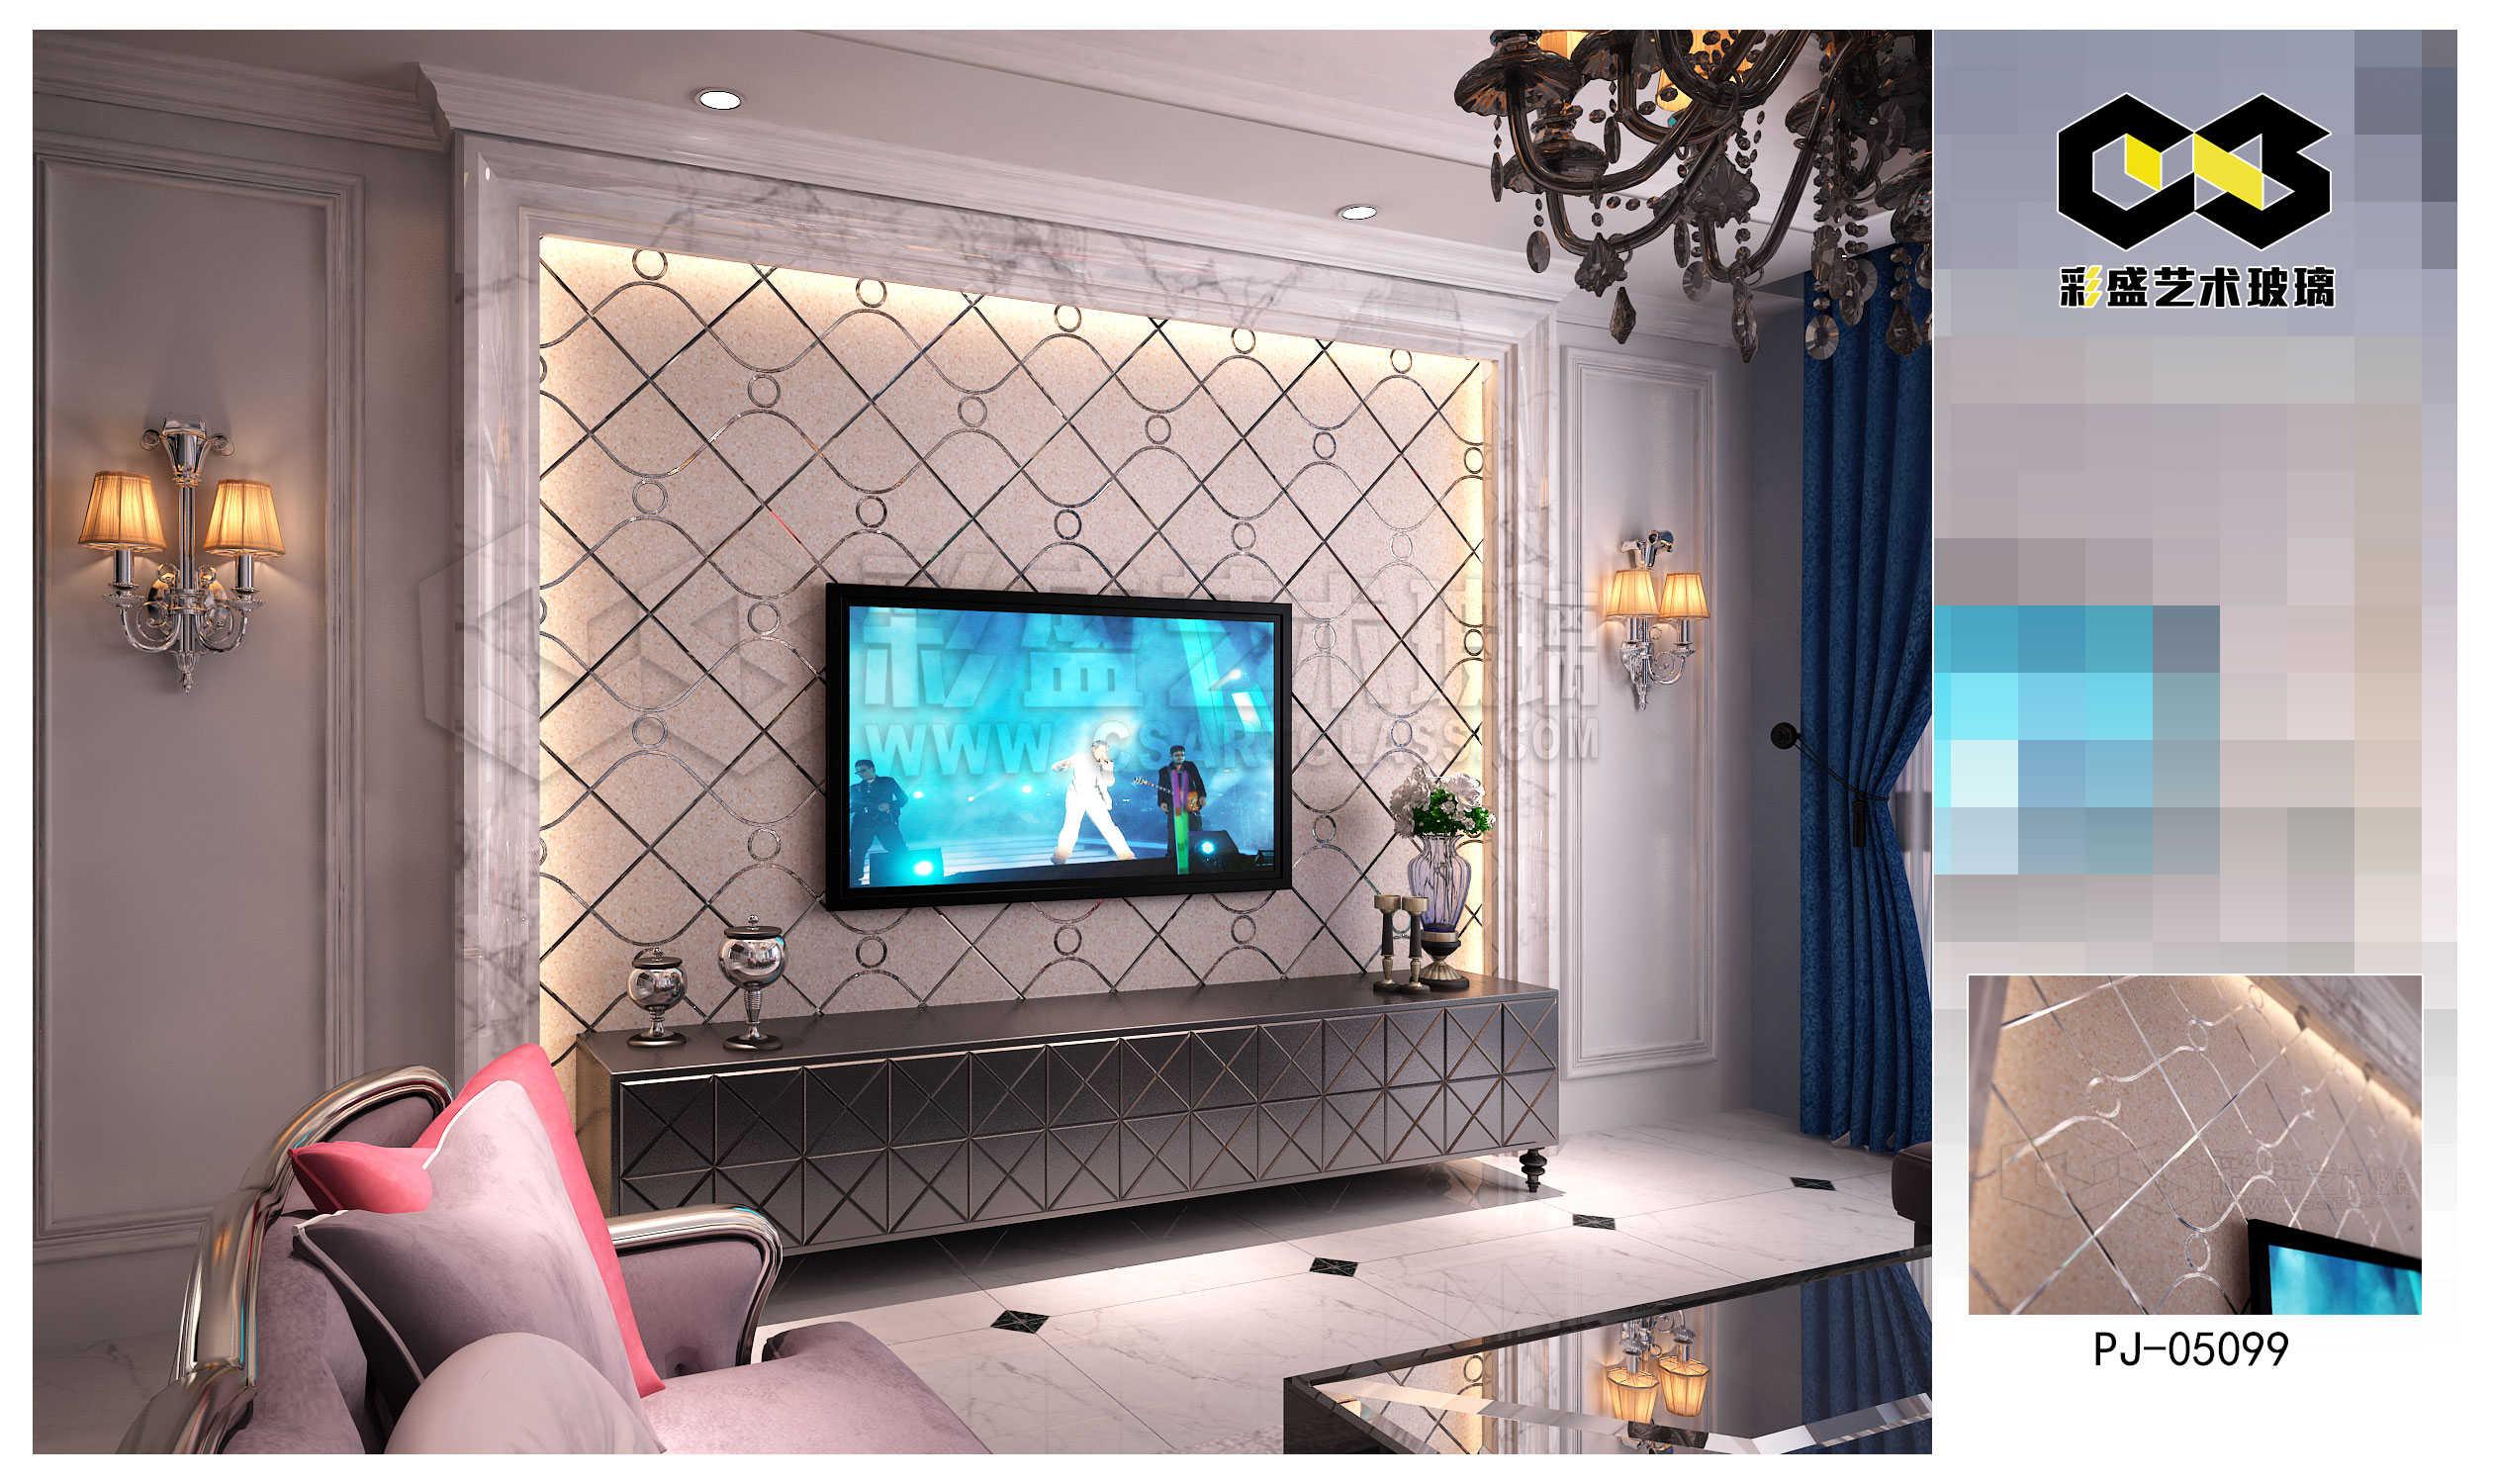 电视背景墙图片大全内容|电视背景墙图片大全版面设计图片